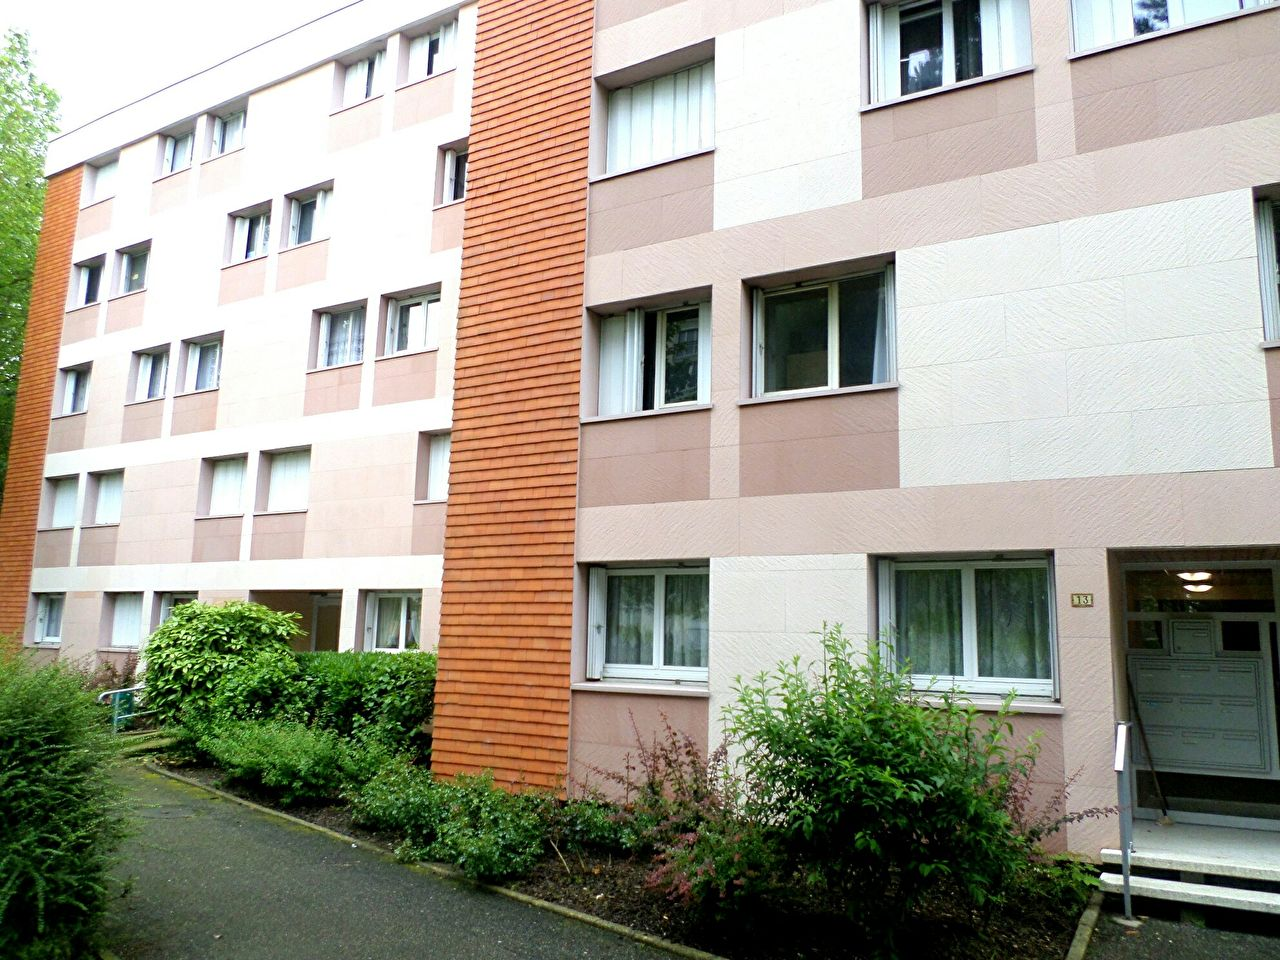 Annonce vente appartement rouen 76000 80 m 91 000 for Annonce vente appartement